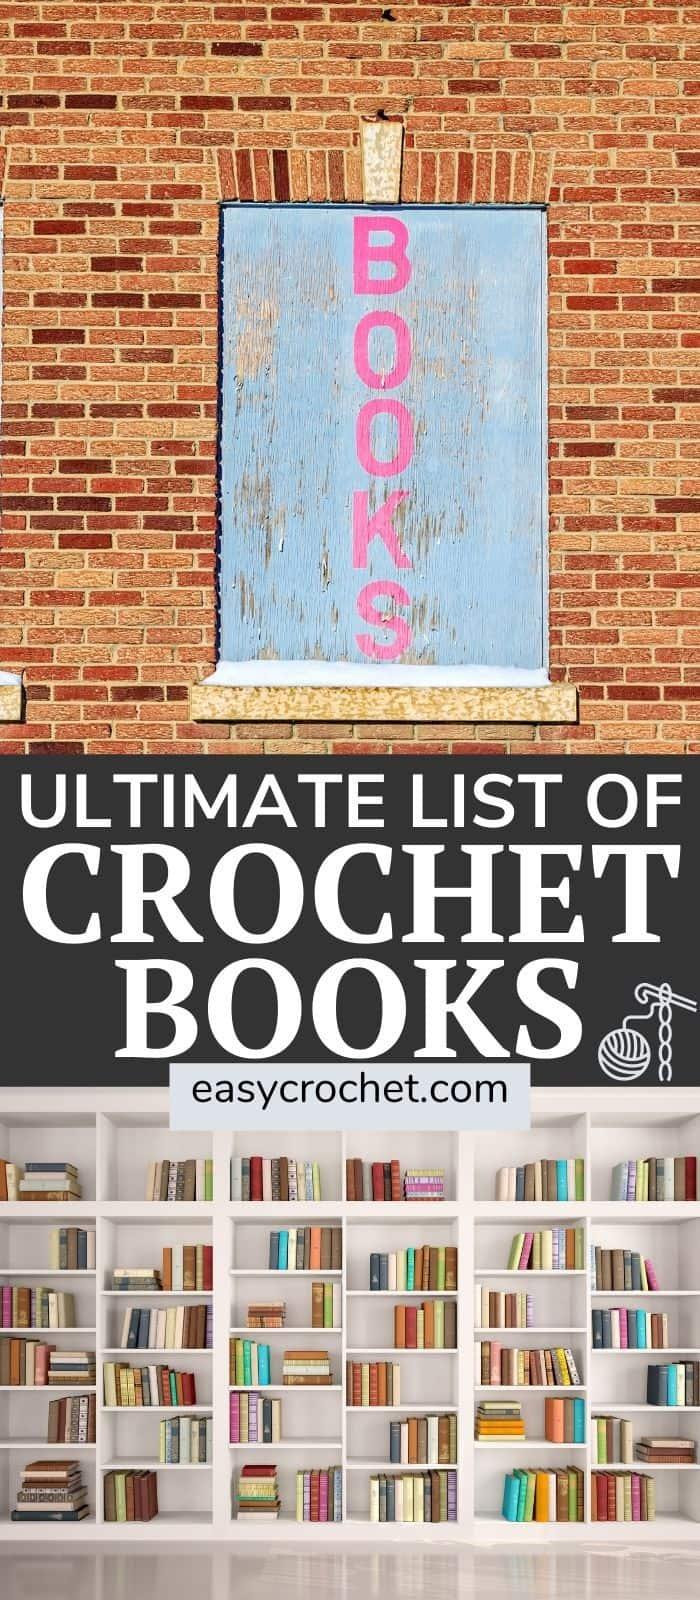 The ultimate list of the best crochet books! via @easycrochetcom